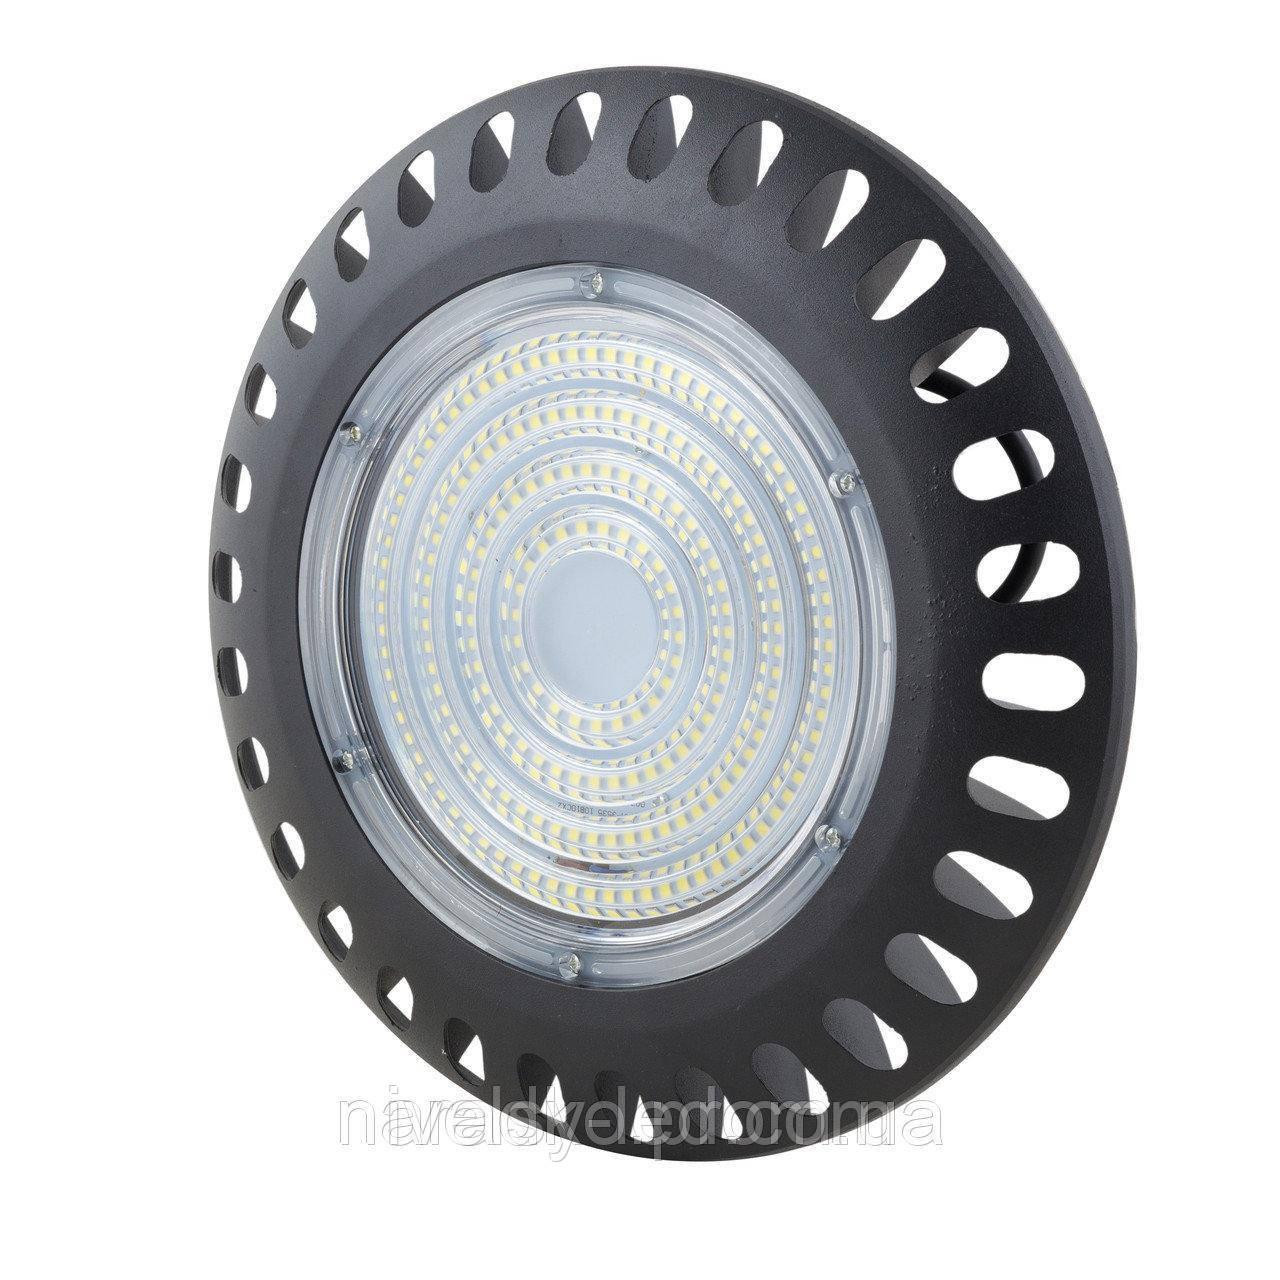 Светильник светодиодный для высоких потолков ЕВРОСВЕТ 100Вт 6400К EB-100-03 10000Лм